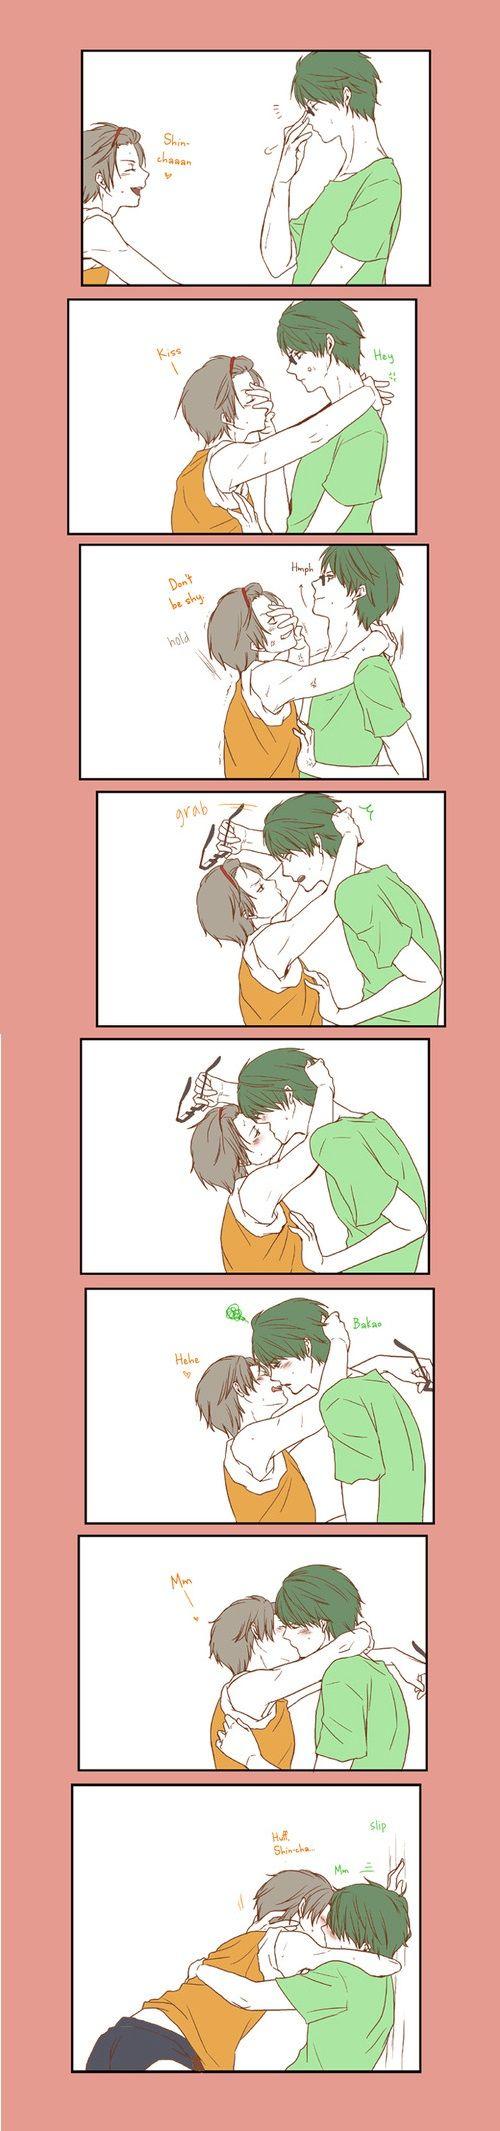 Shounen ai ~~ Seduction BY the innocent...?